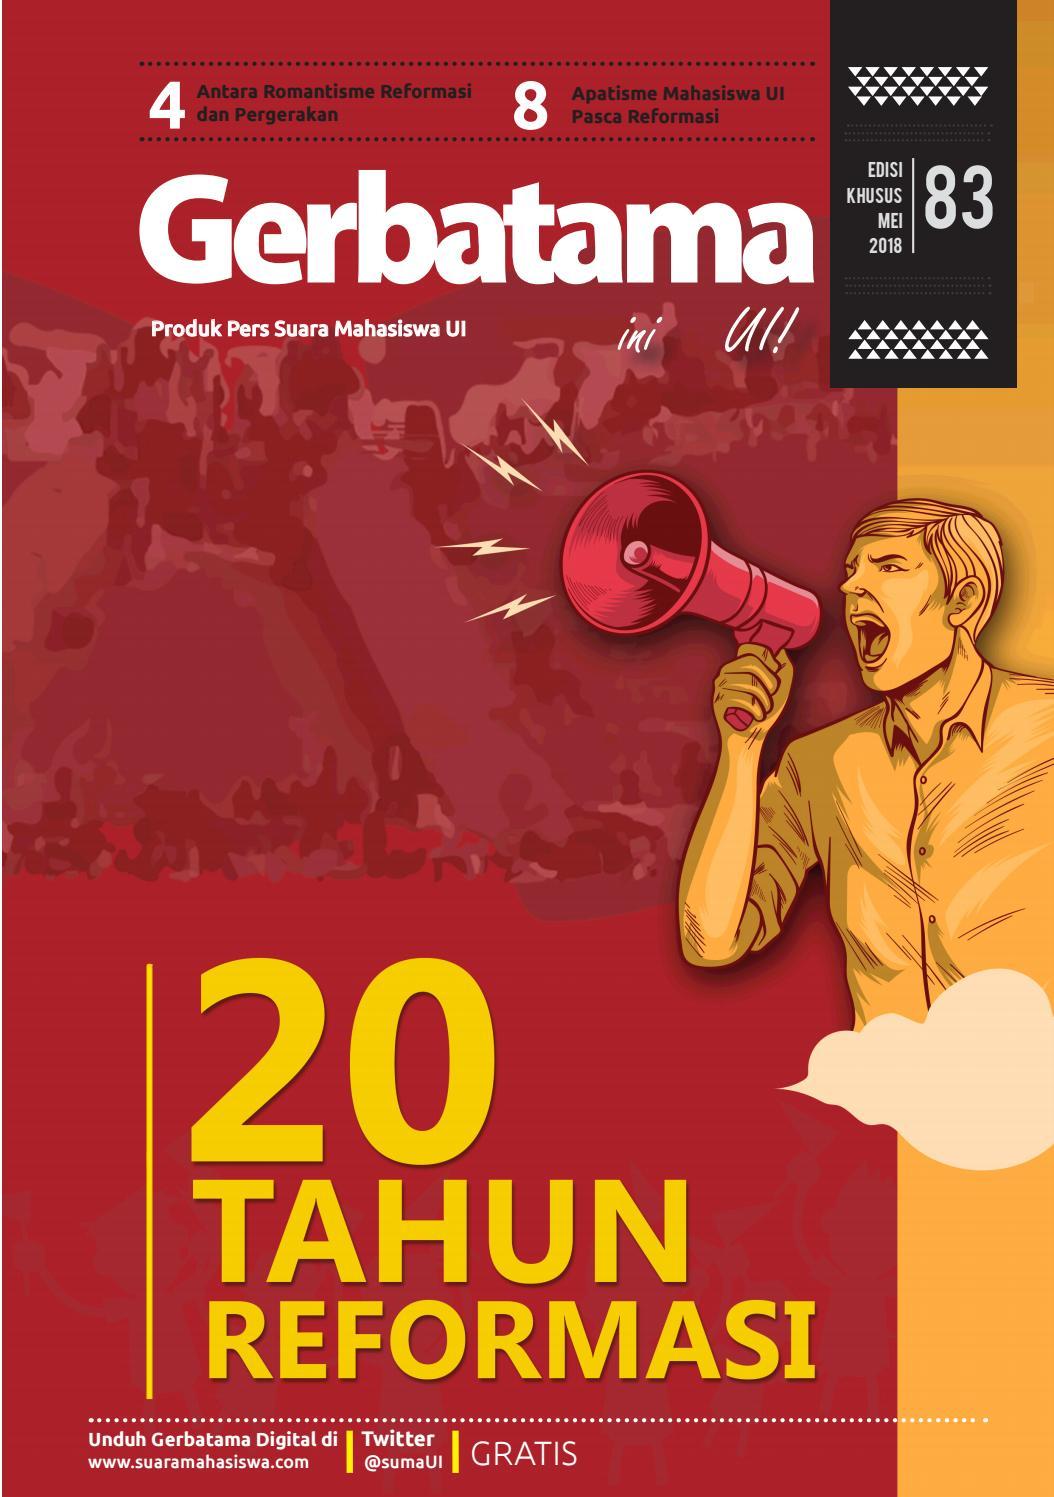 Gerbatama Ini UI Edisi Khusus 83 20 Tahun Reformasi By